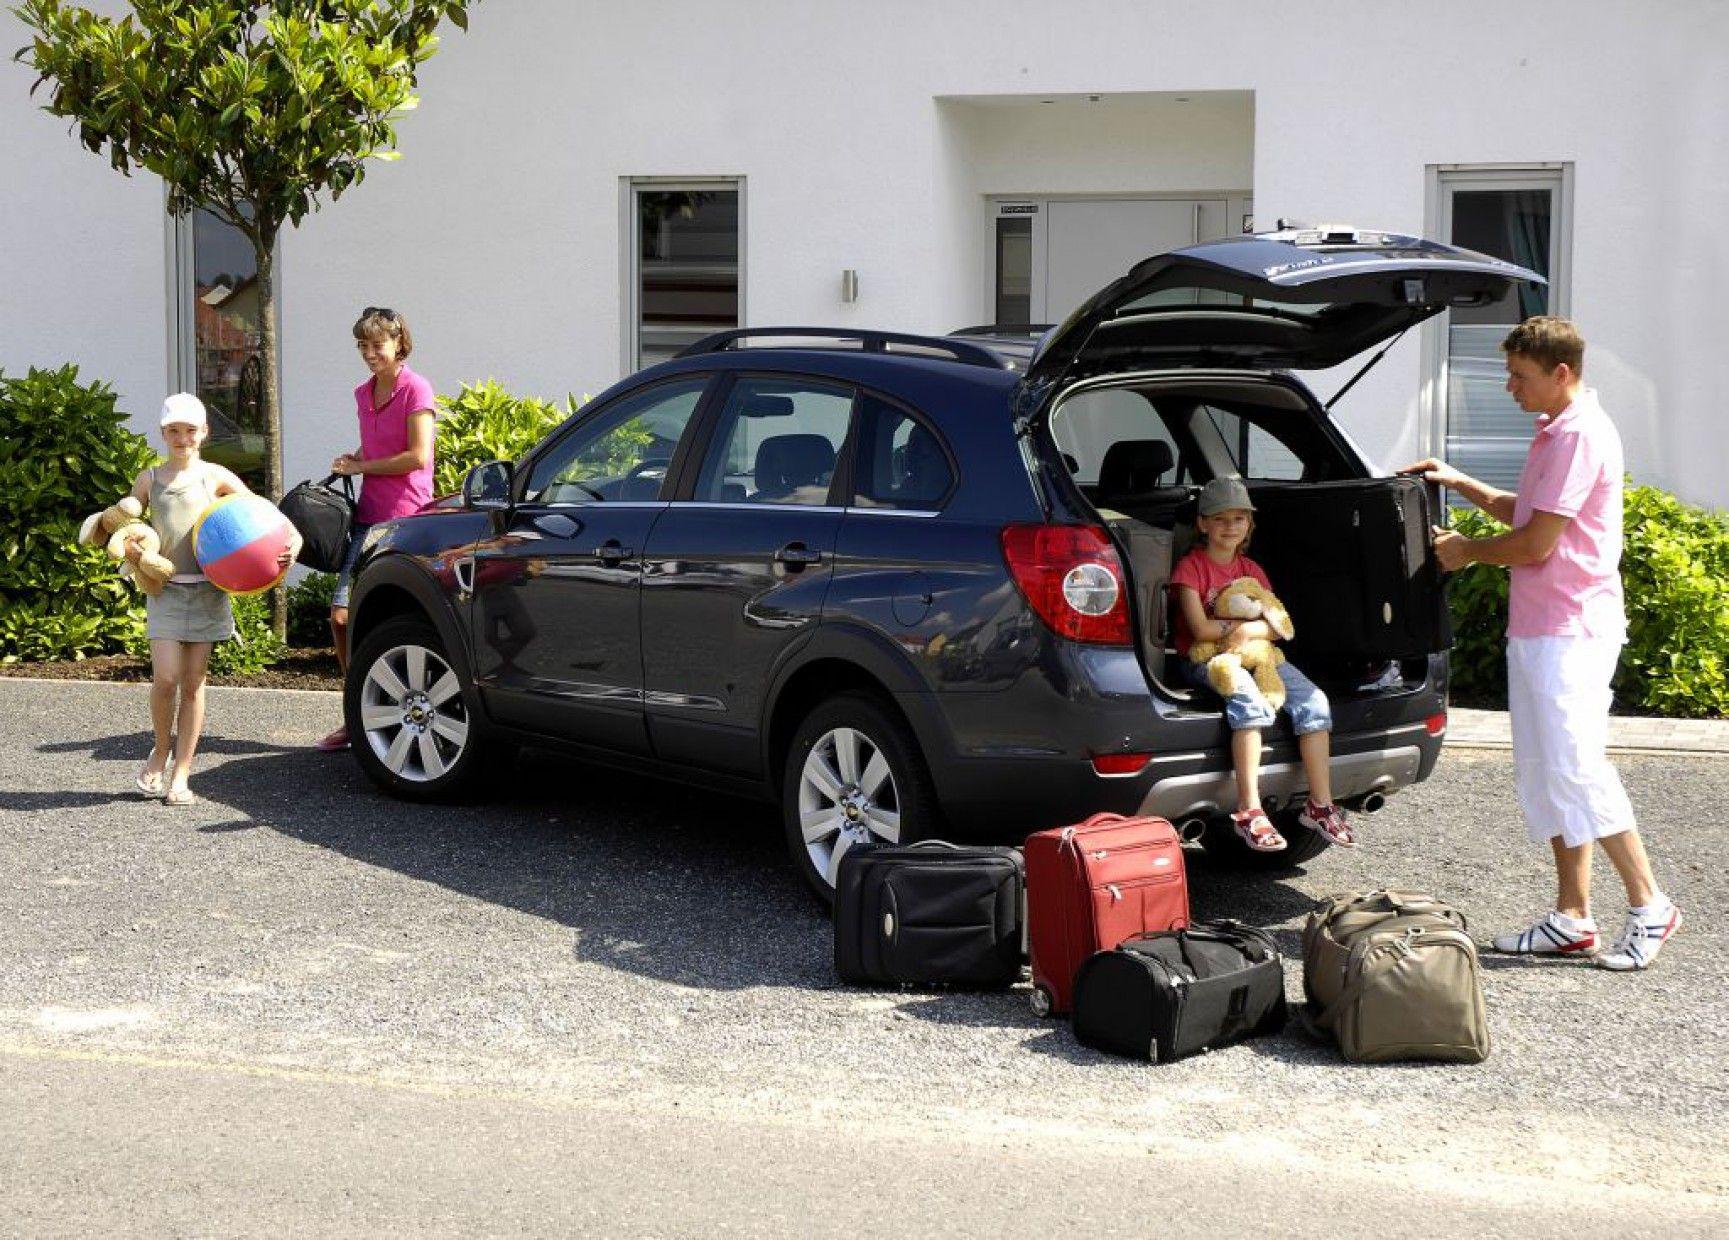 ¿Cuántas personas pueden viajar en un auto?